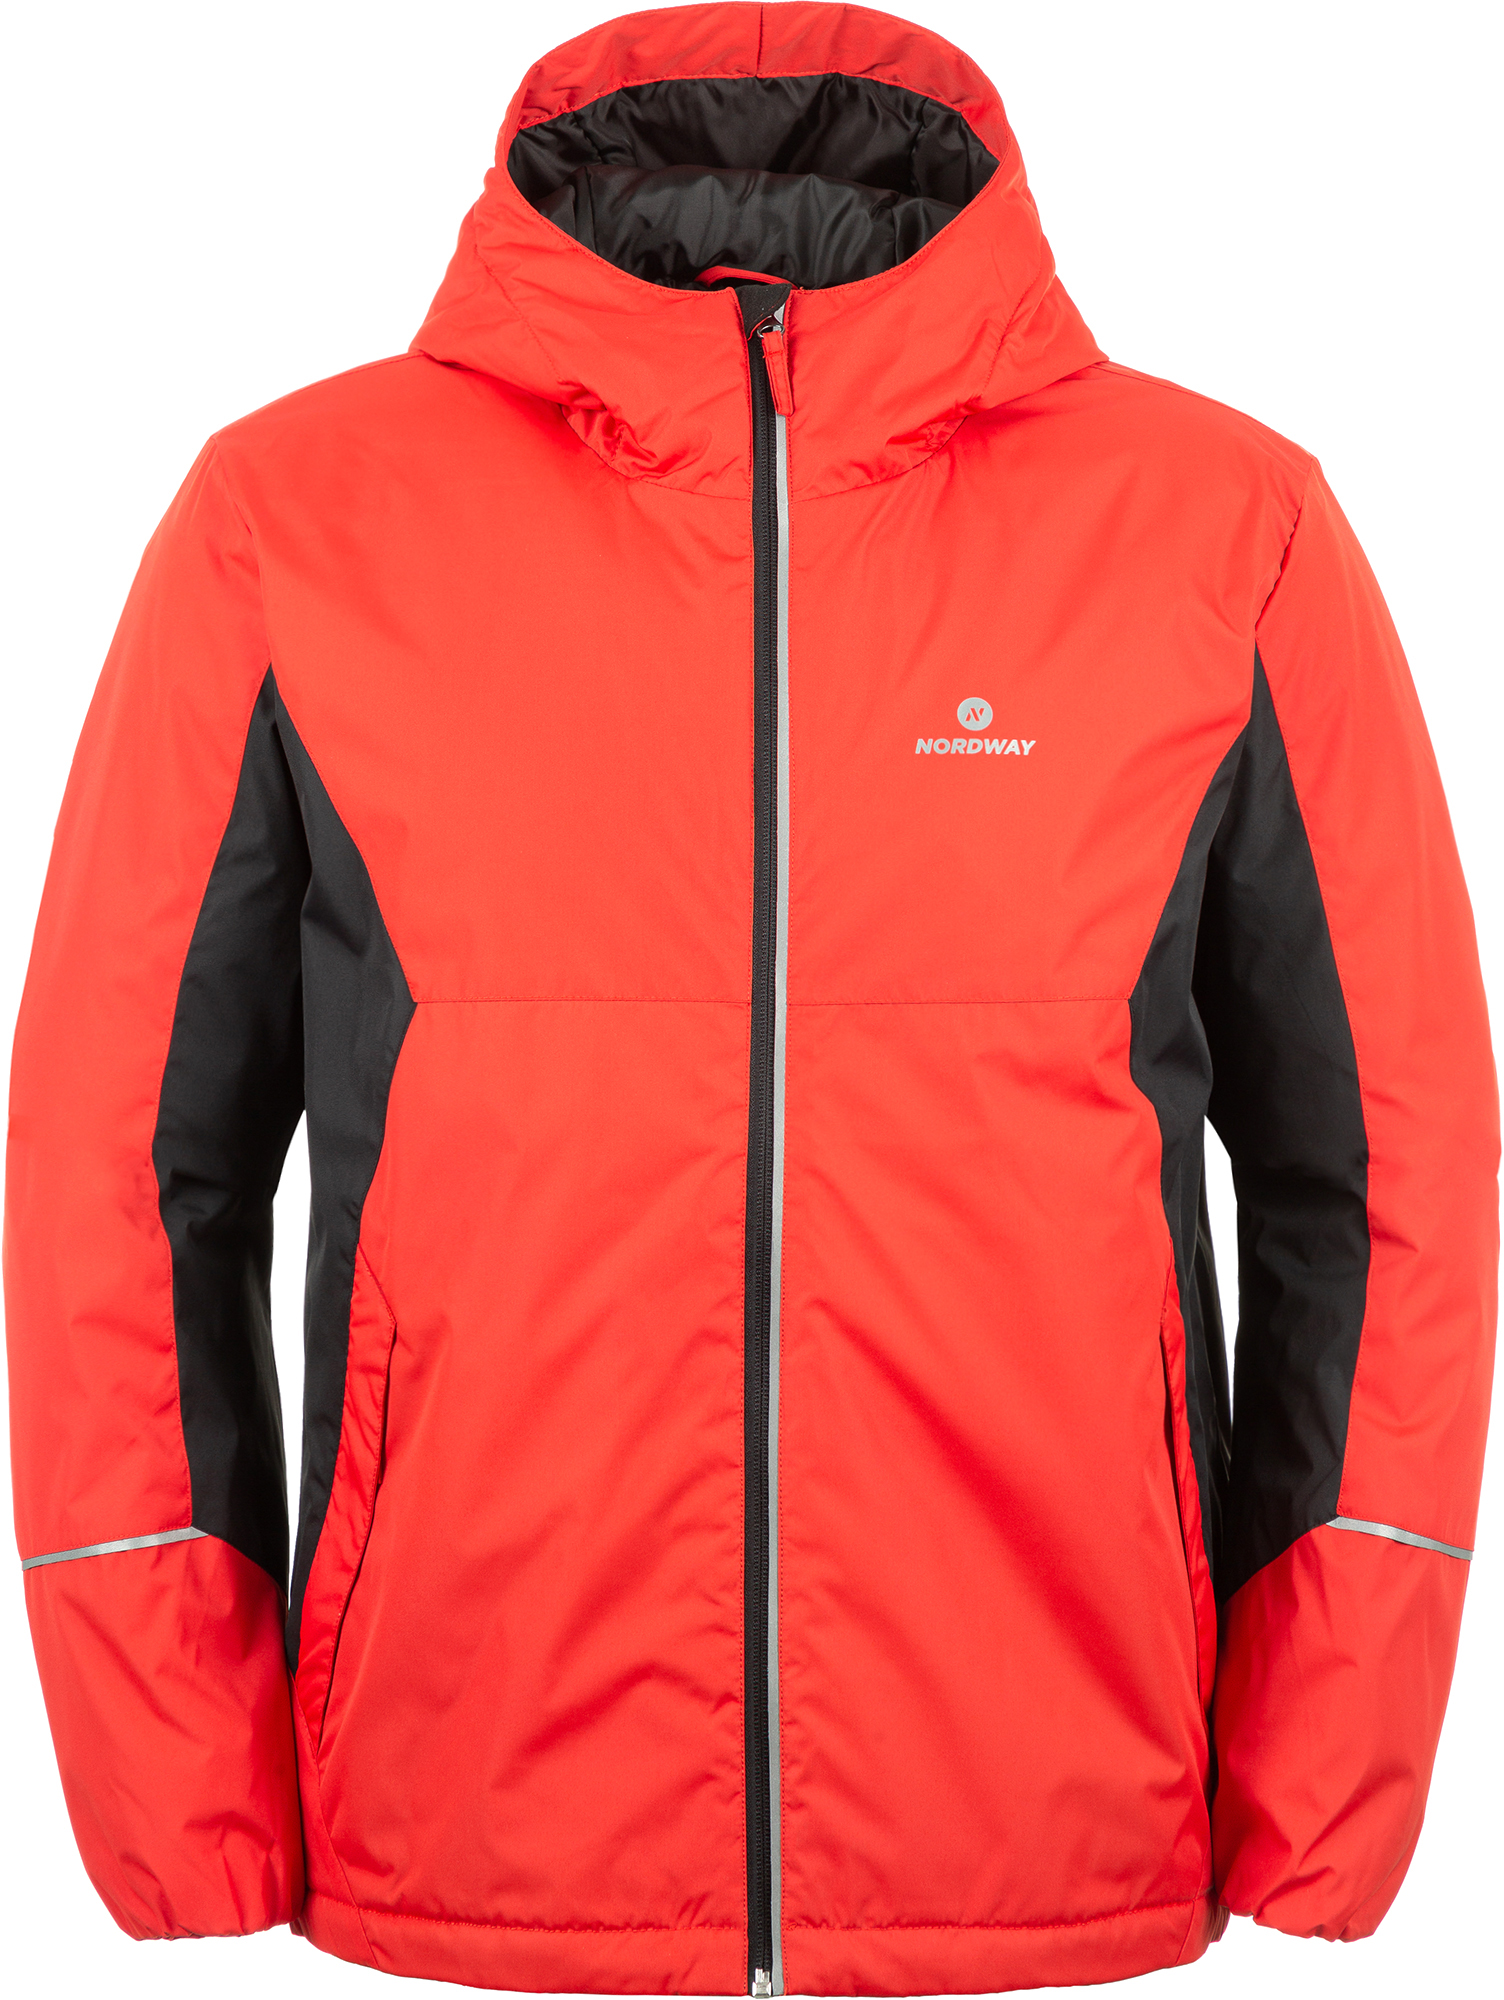 Nordway Куртка утепленная мужская Nordway, размер 46 nordway ботинки для беговых лыж nordway tromse размер 44